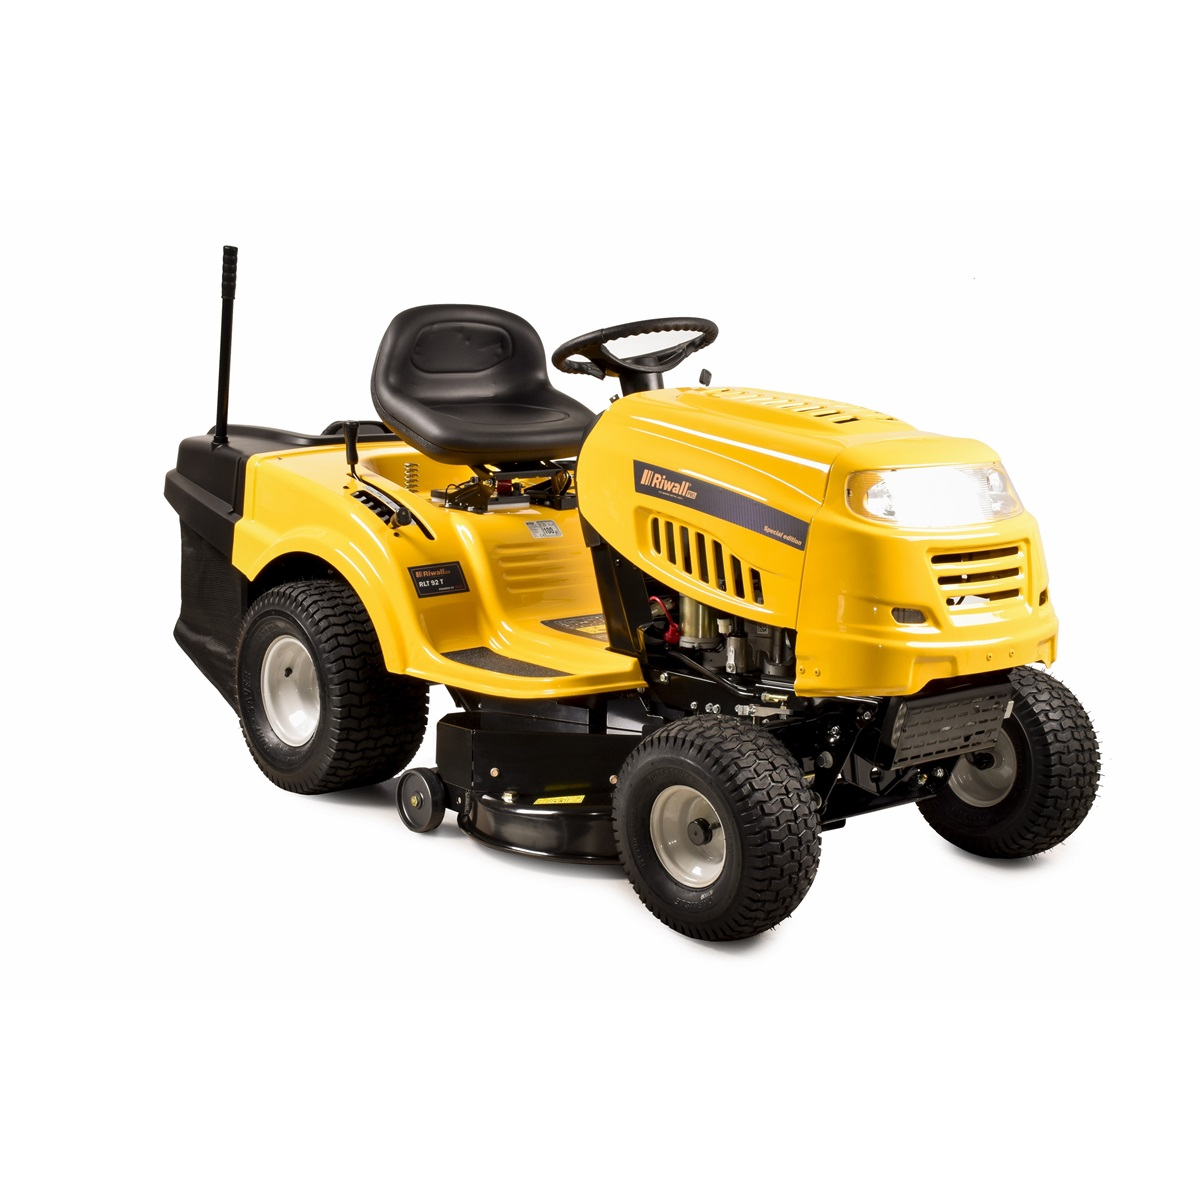 Riwall PRO RLT 92 T, travní traktor se zadním výhozem a 6-ti stupňovou převodovkou Transmatic